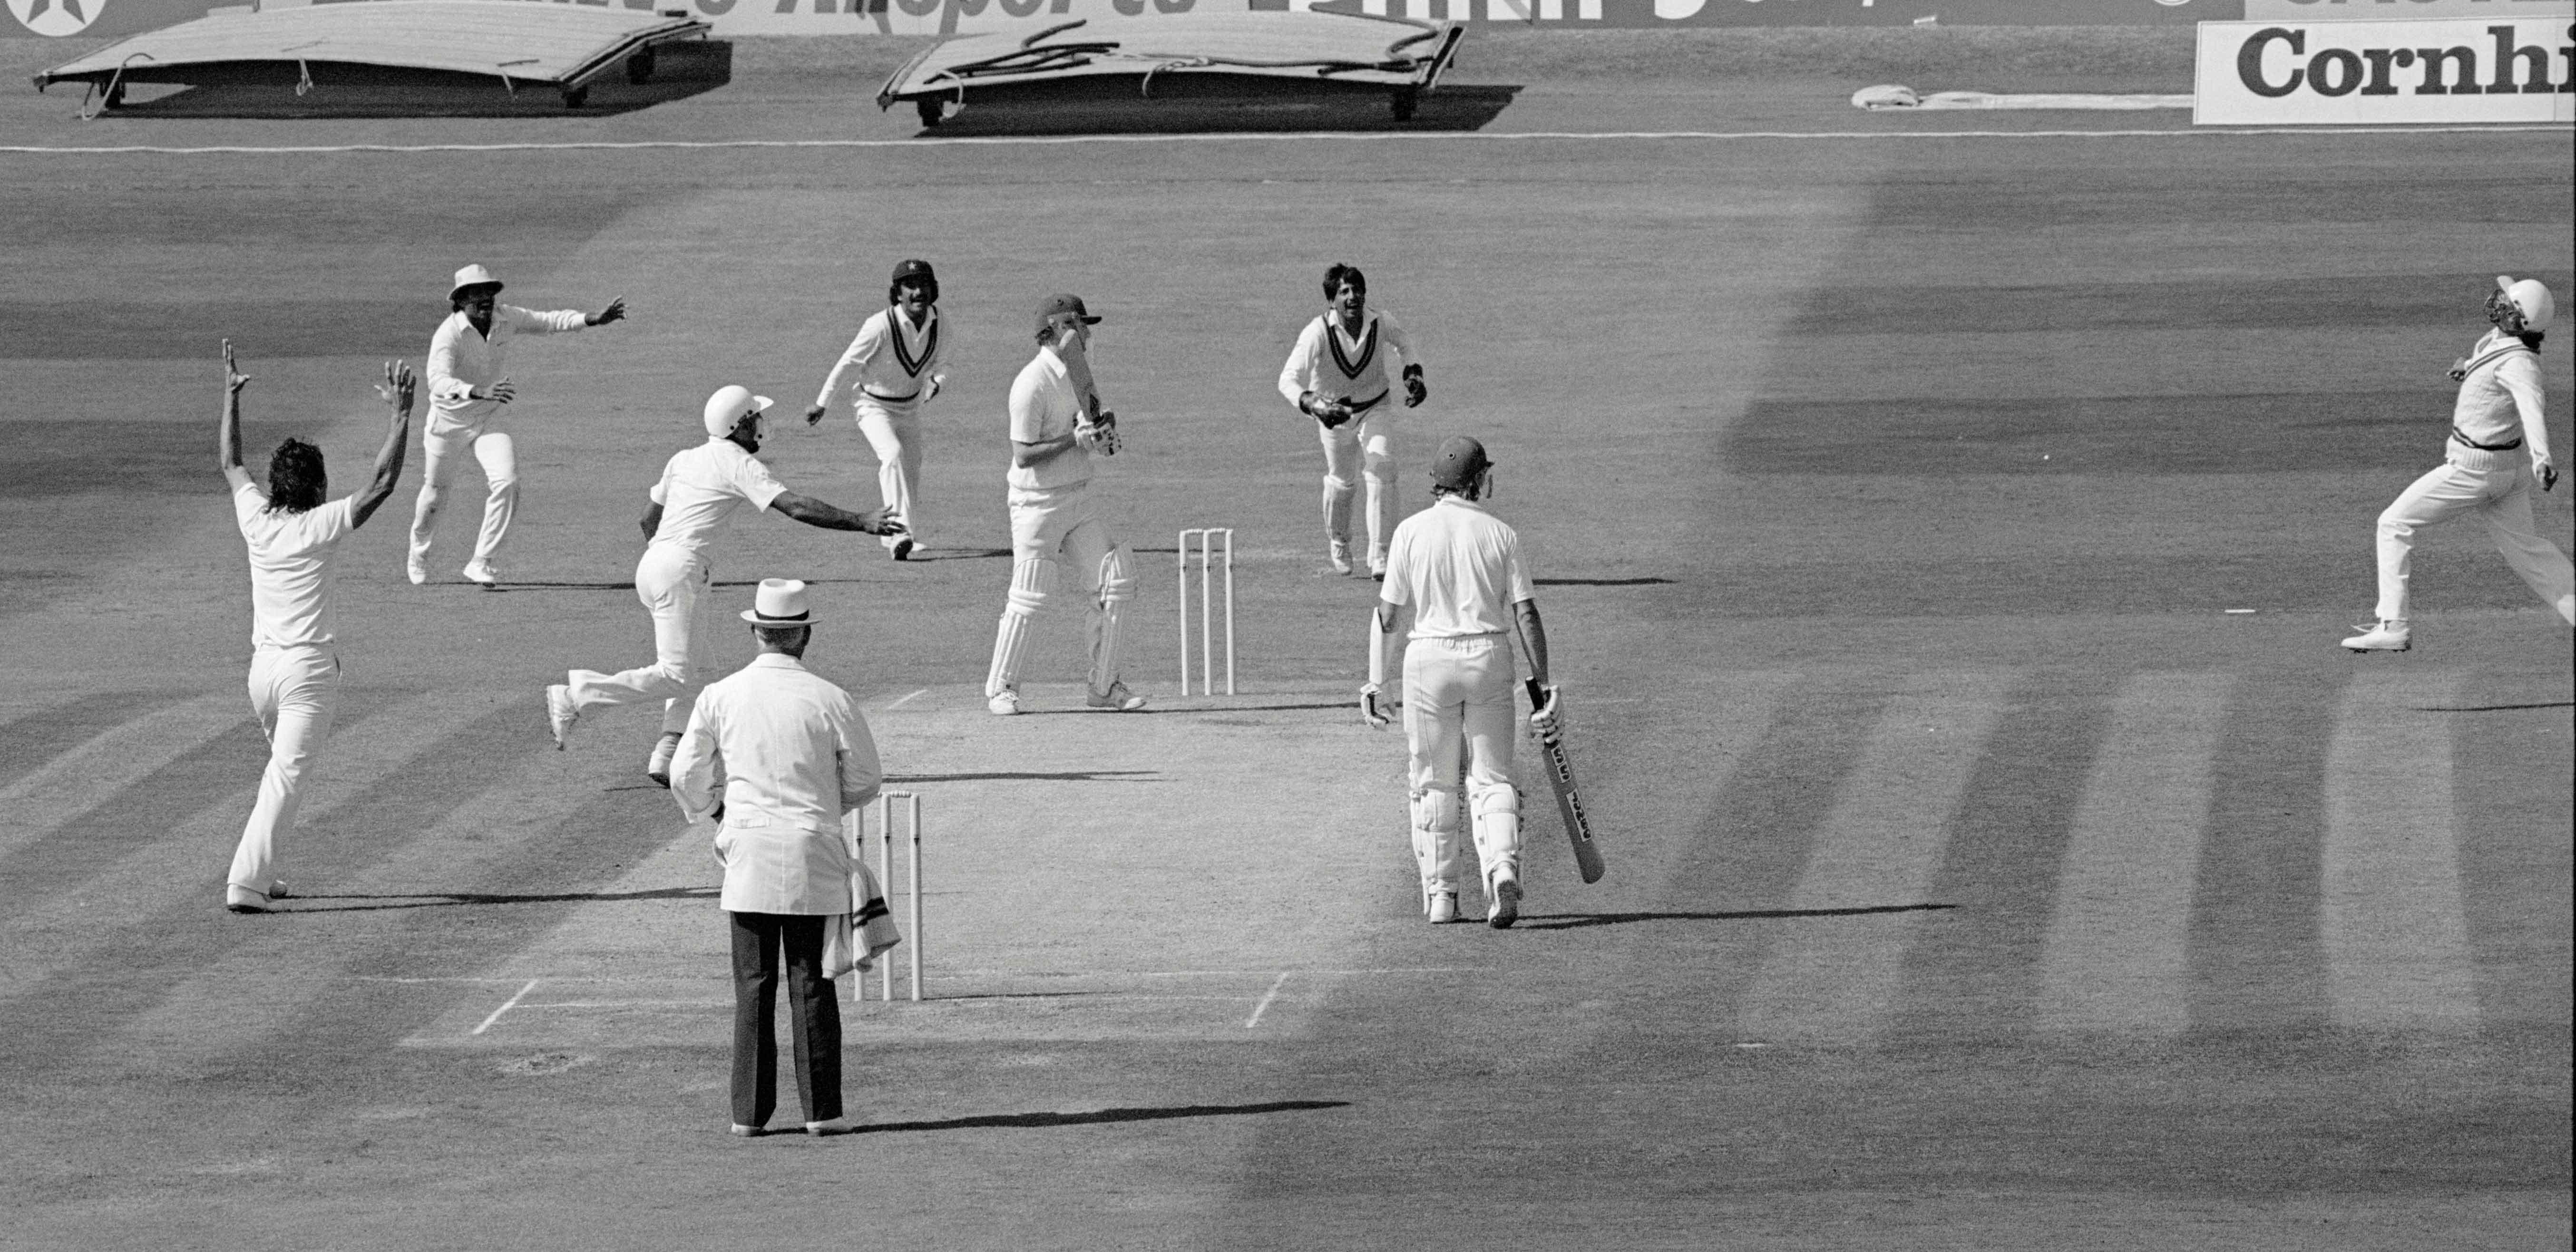 1974 में भारतीय क्रिकेट टीम